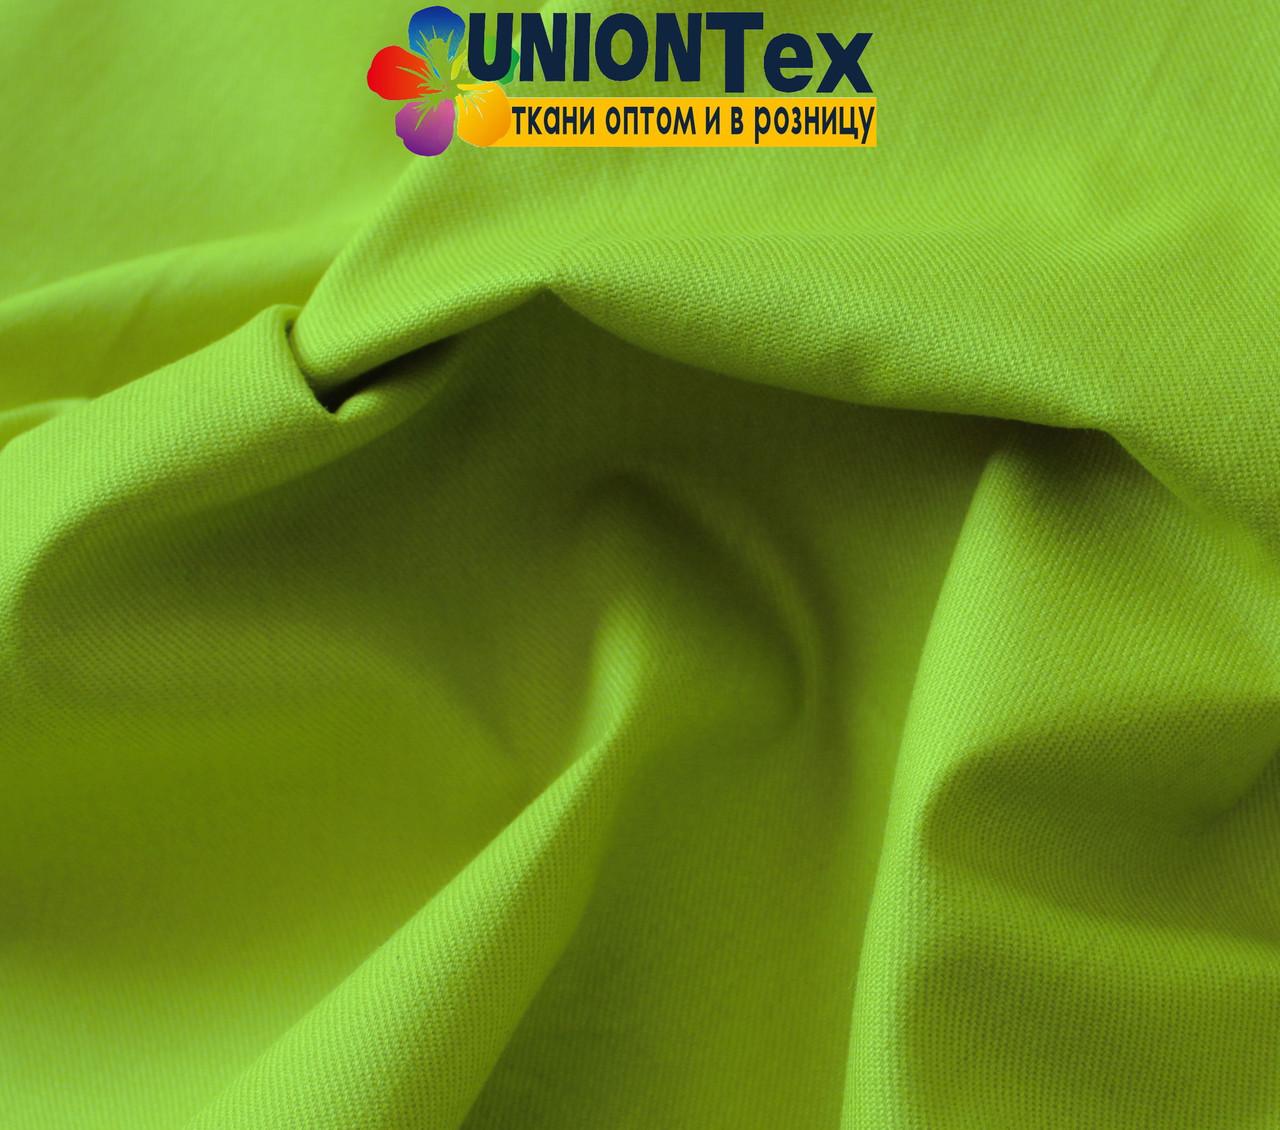 Ткань парка салатовый цвет (190 г/м.кв)